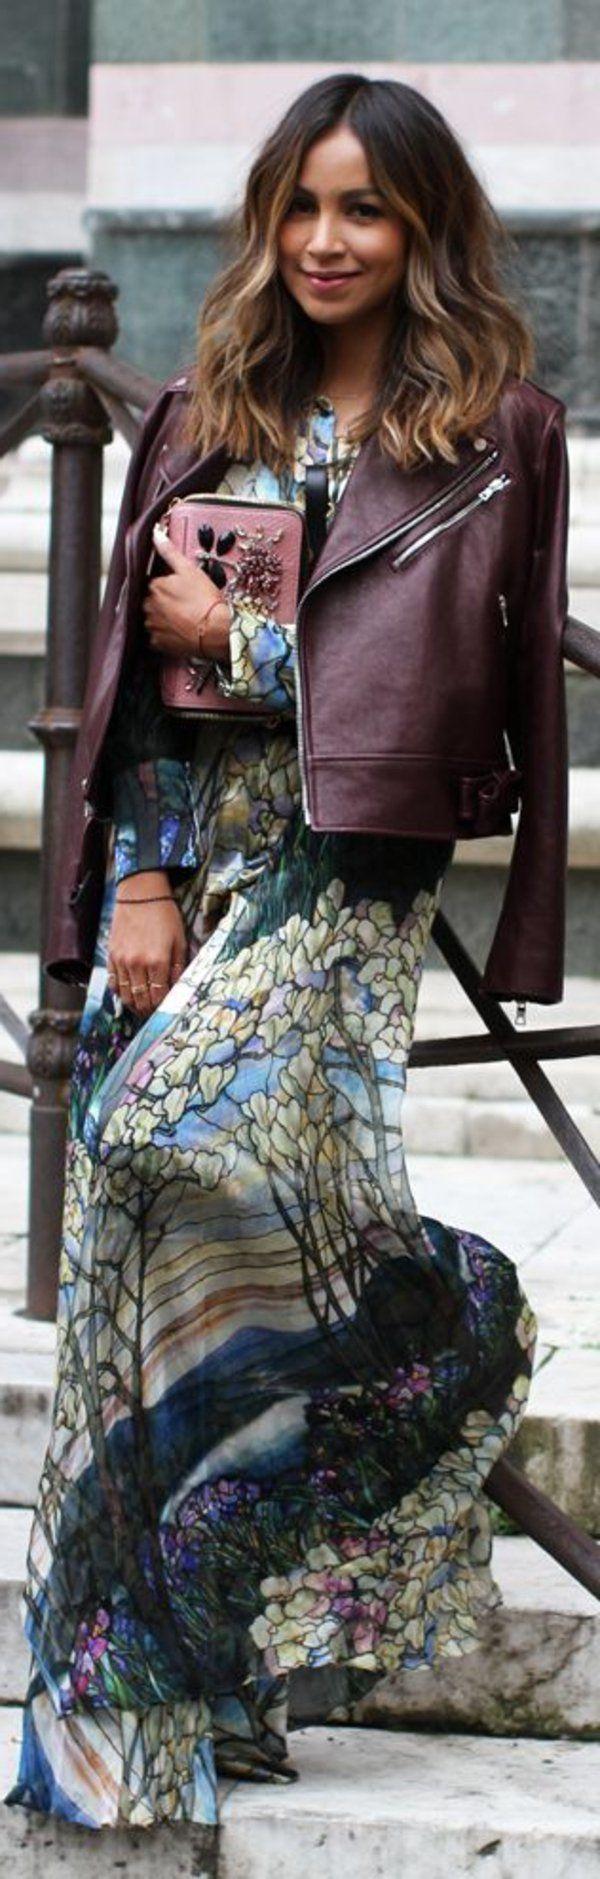 Les 25 meilleures id es concernant tenues avec veste en cuir sur pinterest mode l gante - Tenue avec jupe en cuir ...